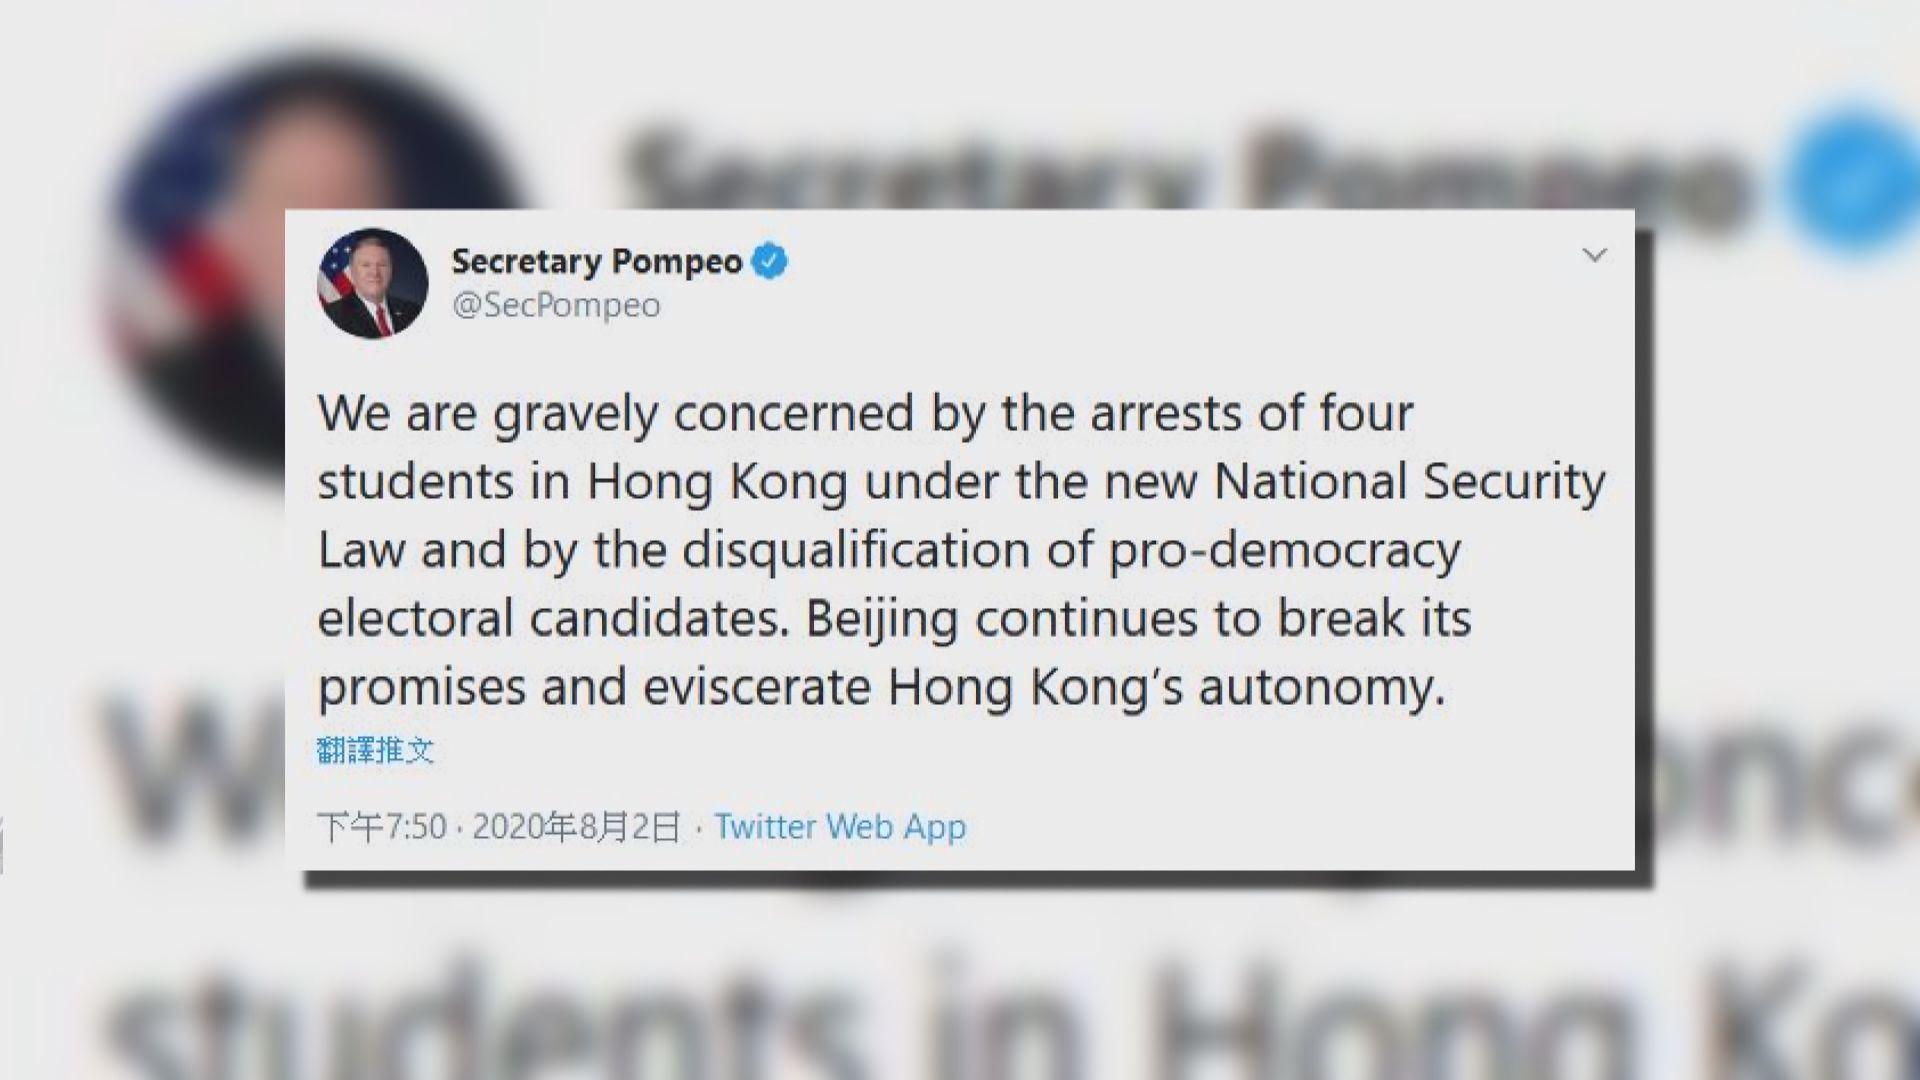 蓬佩奧:嚴重關切被捕四學生和民主派人士被DQ